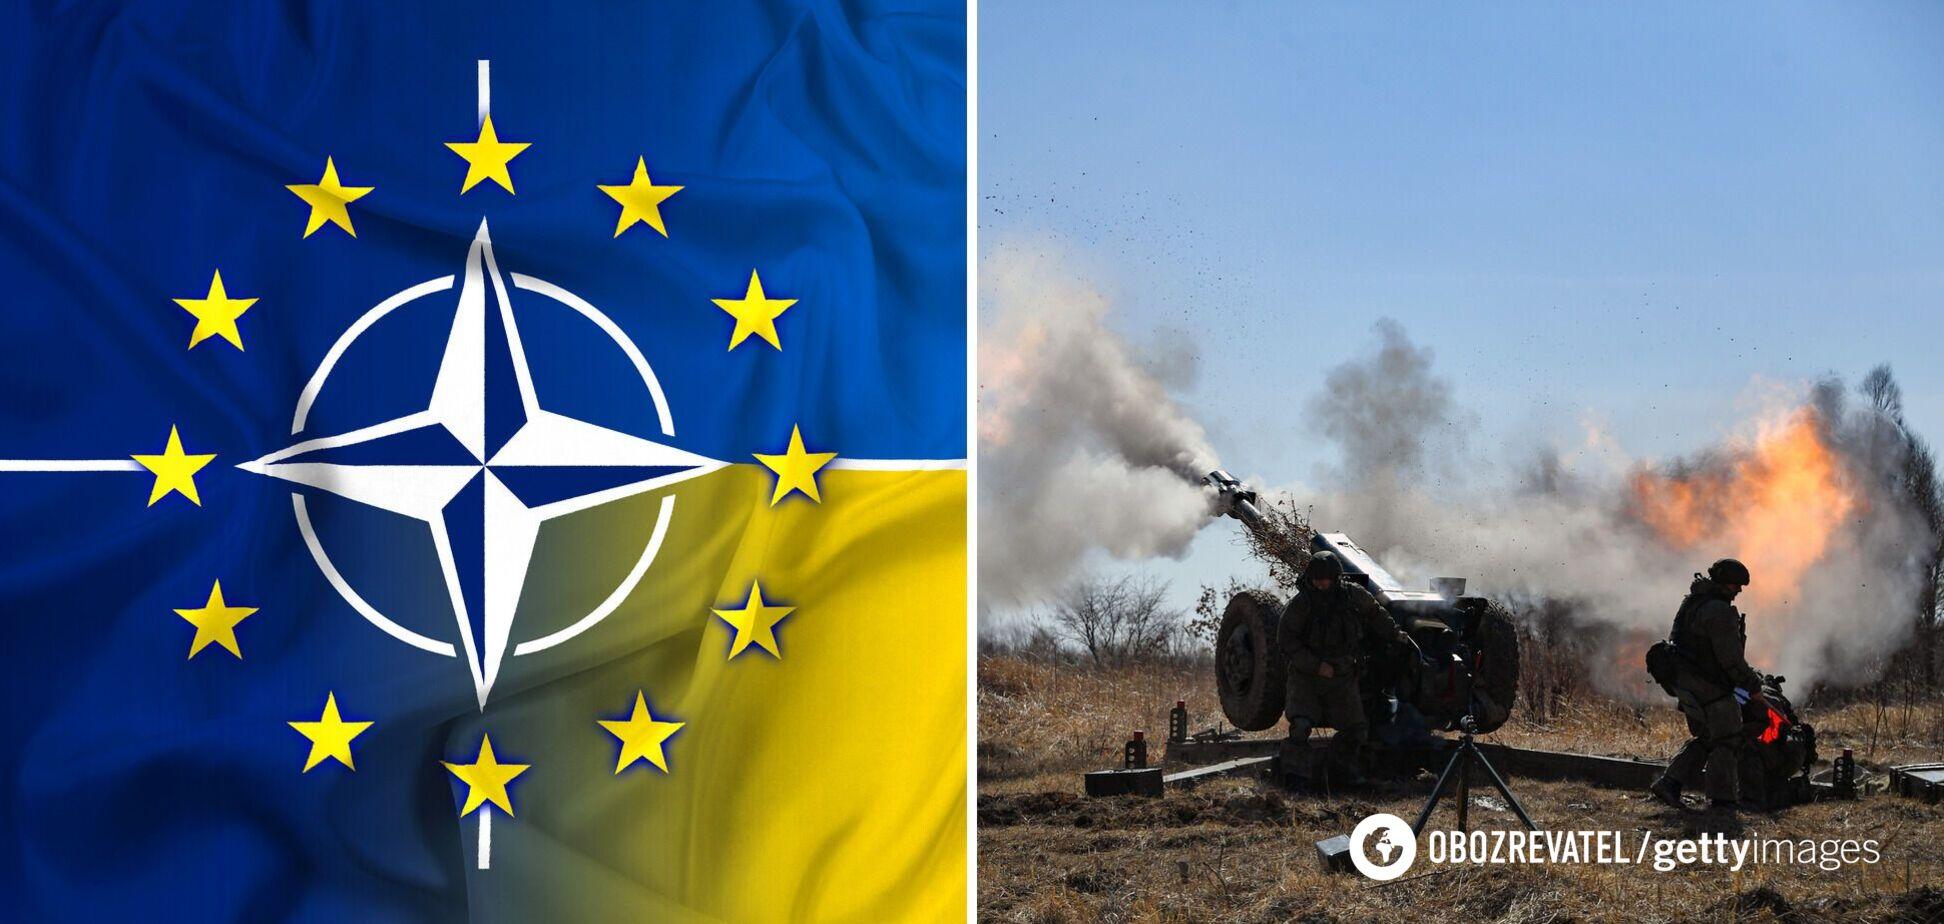 Обострение на Донбассе: в НАТО и ЕС анонсировали внеочередные заседания